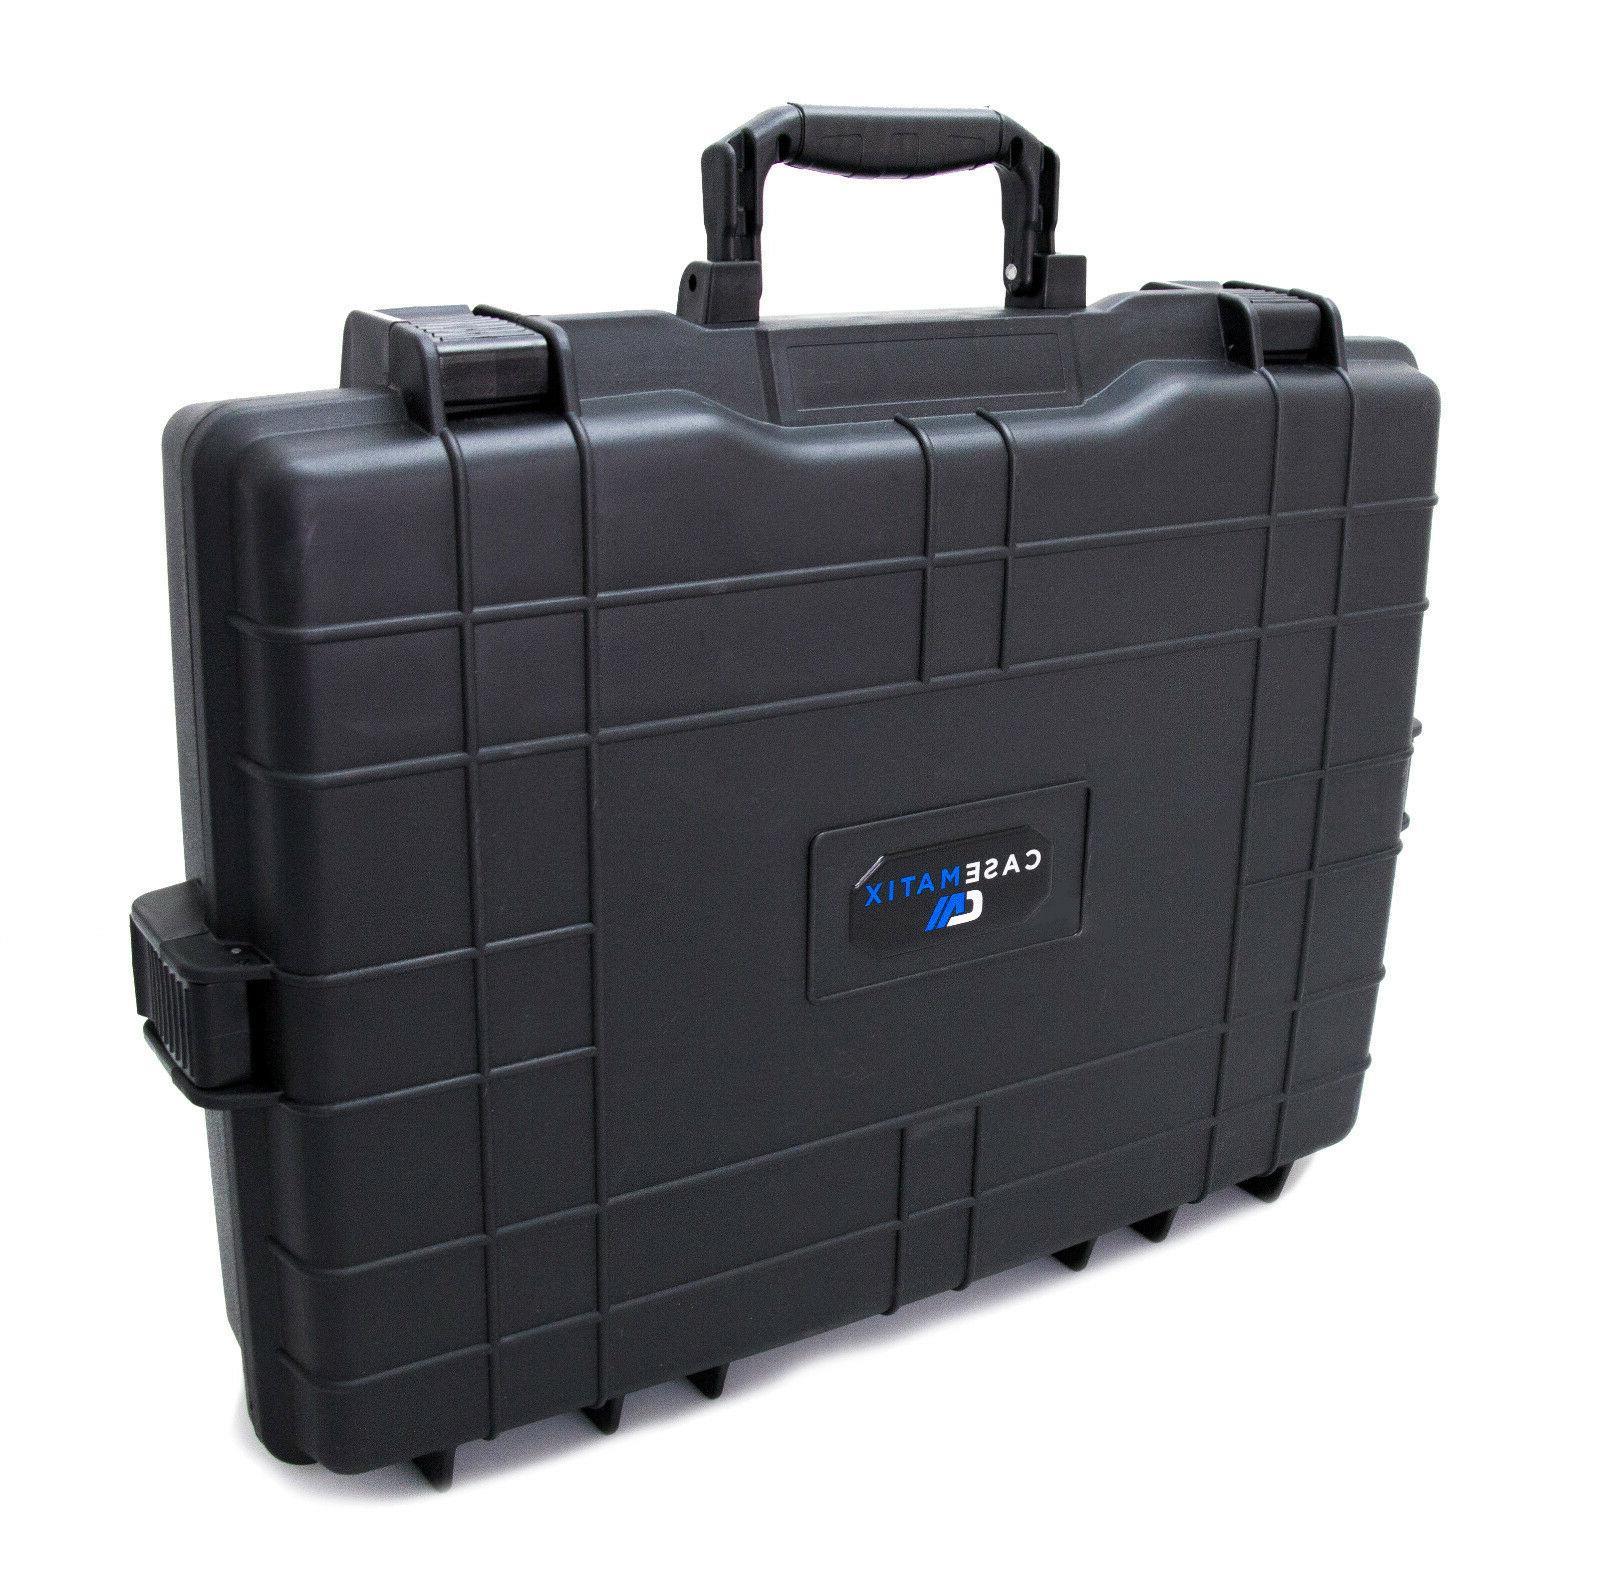 Waterproof Case Fits 17-inch